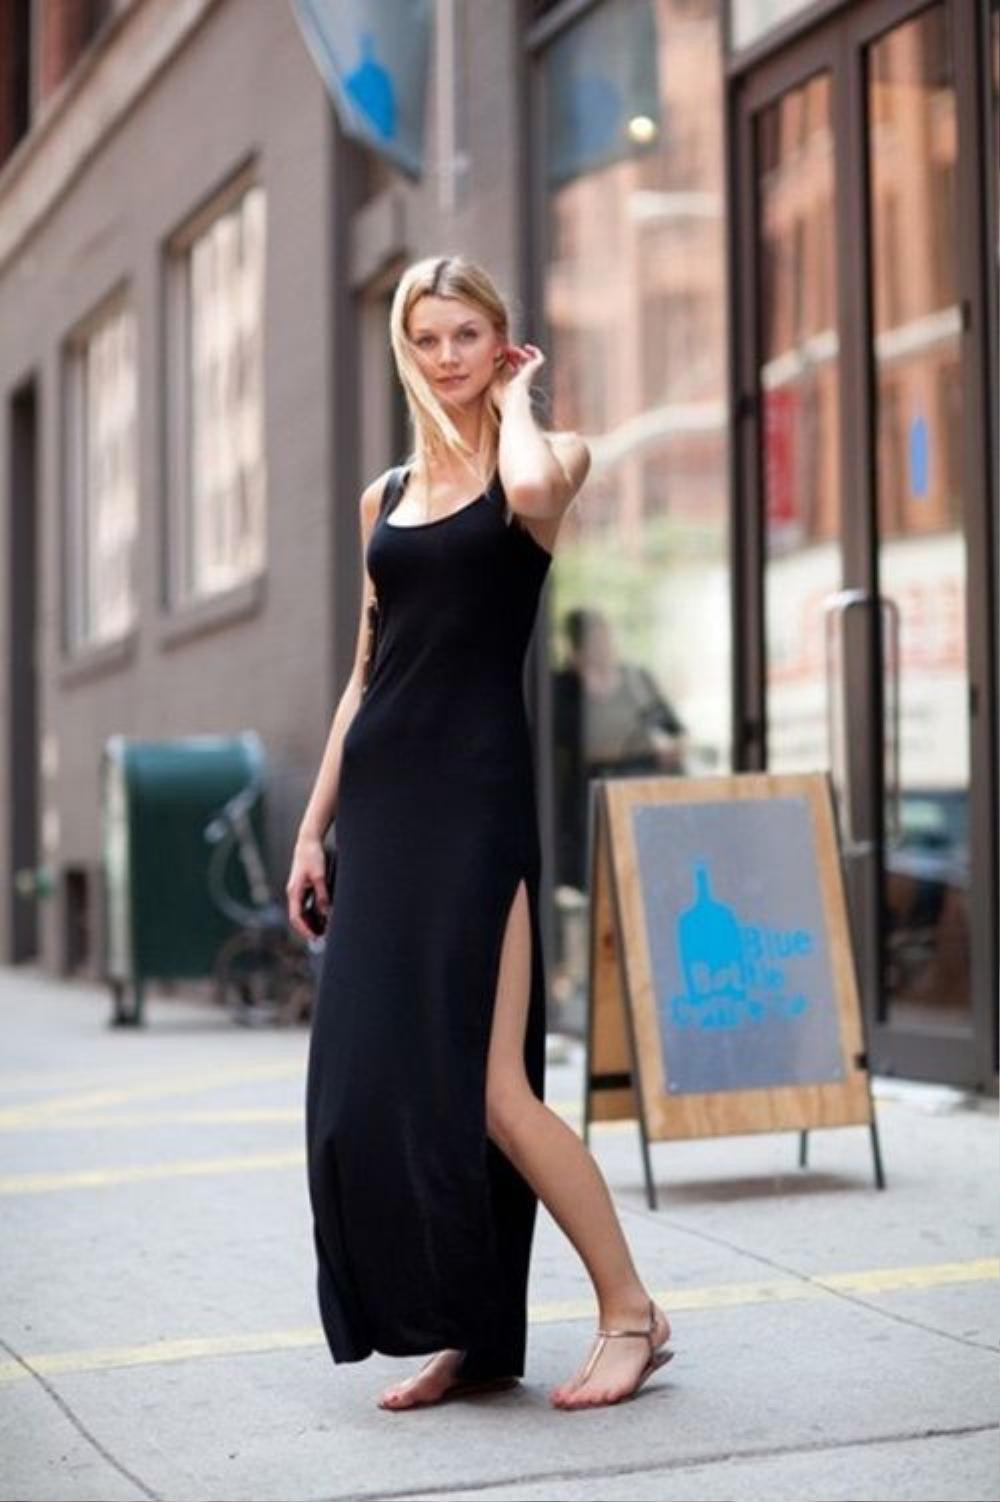 Những chiếc váy liền sát nách hay hai dây với phần xẻ cao tới gần hết đùi cũng giúp bạn tăng thêm độ gợi cảm và kéo dài hết cỡ đôi chân của mình.